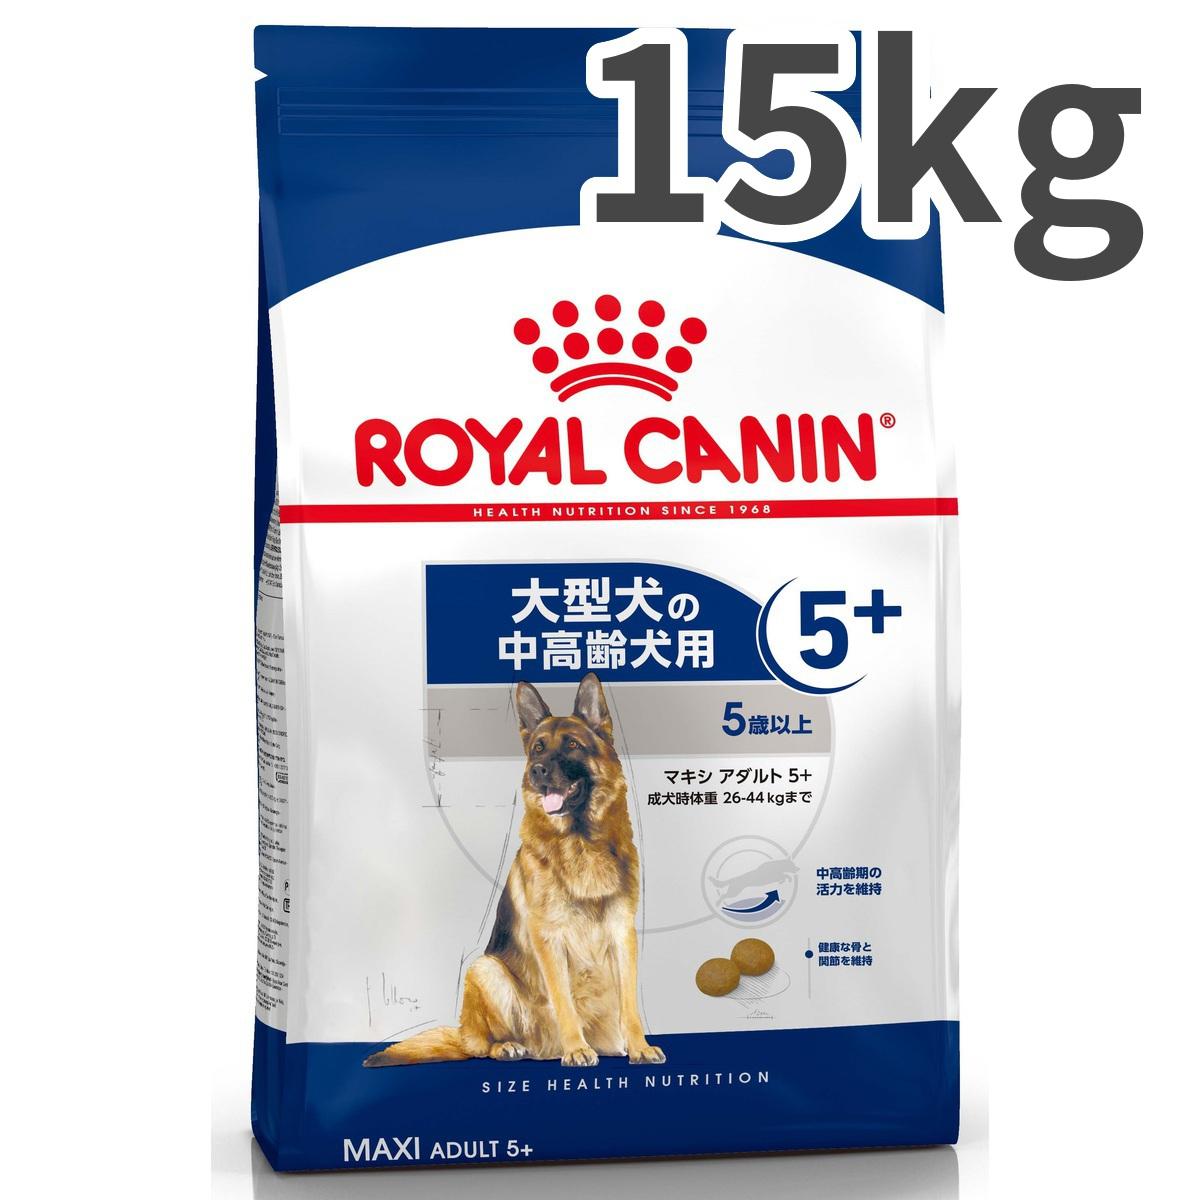 店内全品送料無料! ロイヤルカナン マキシ アダルト 5+ 5歳以上 大型犬中高齢犬用 15kg【送料無料】